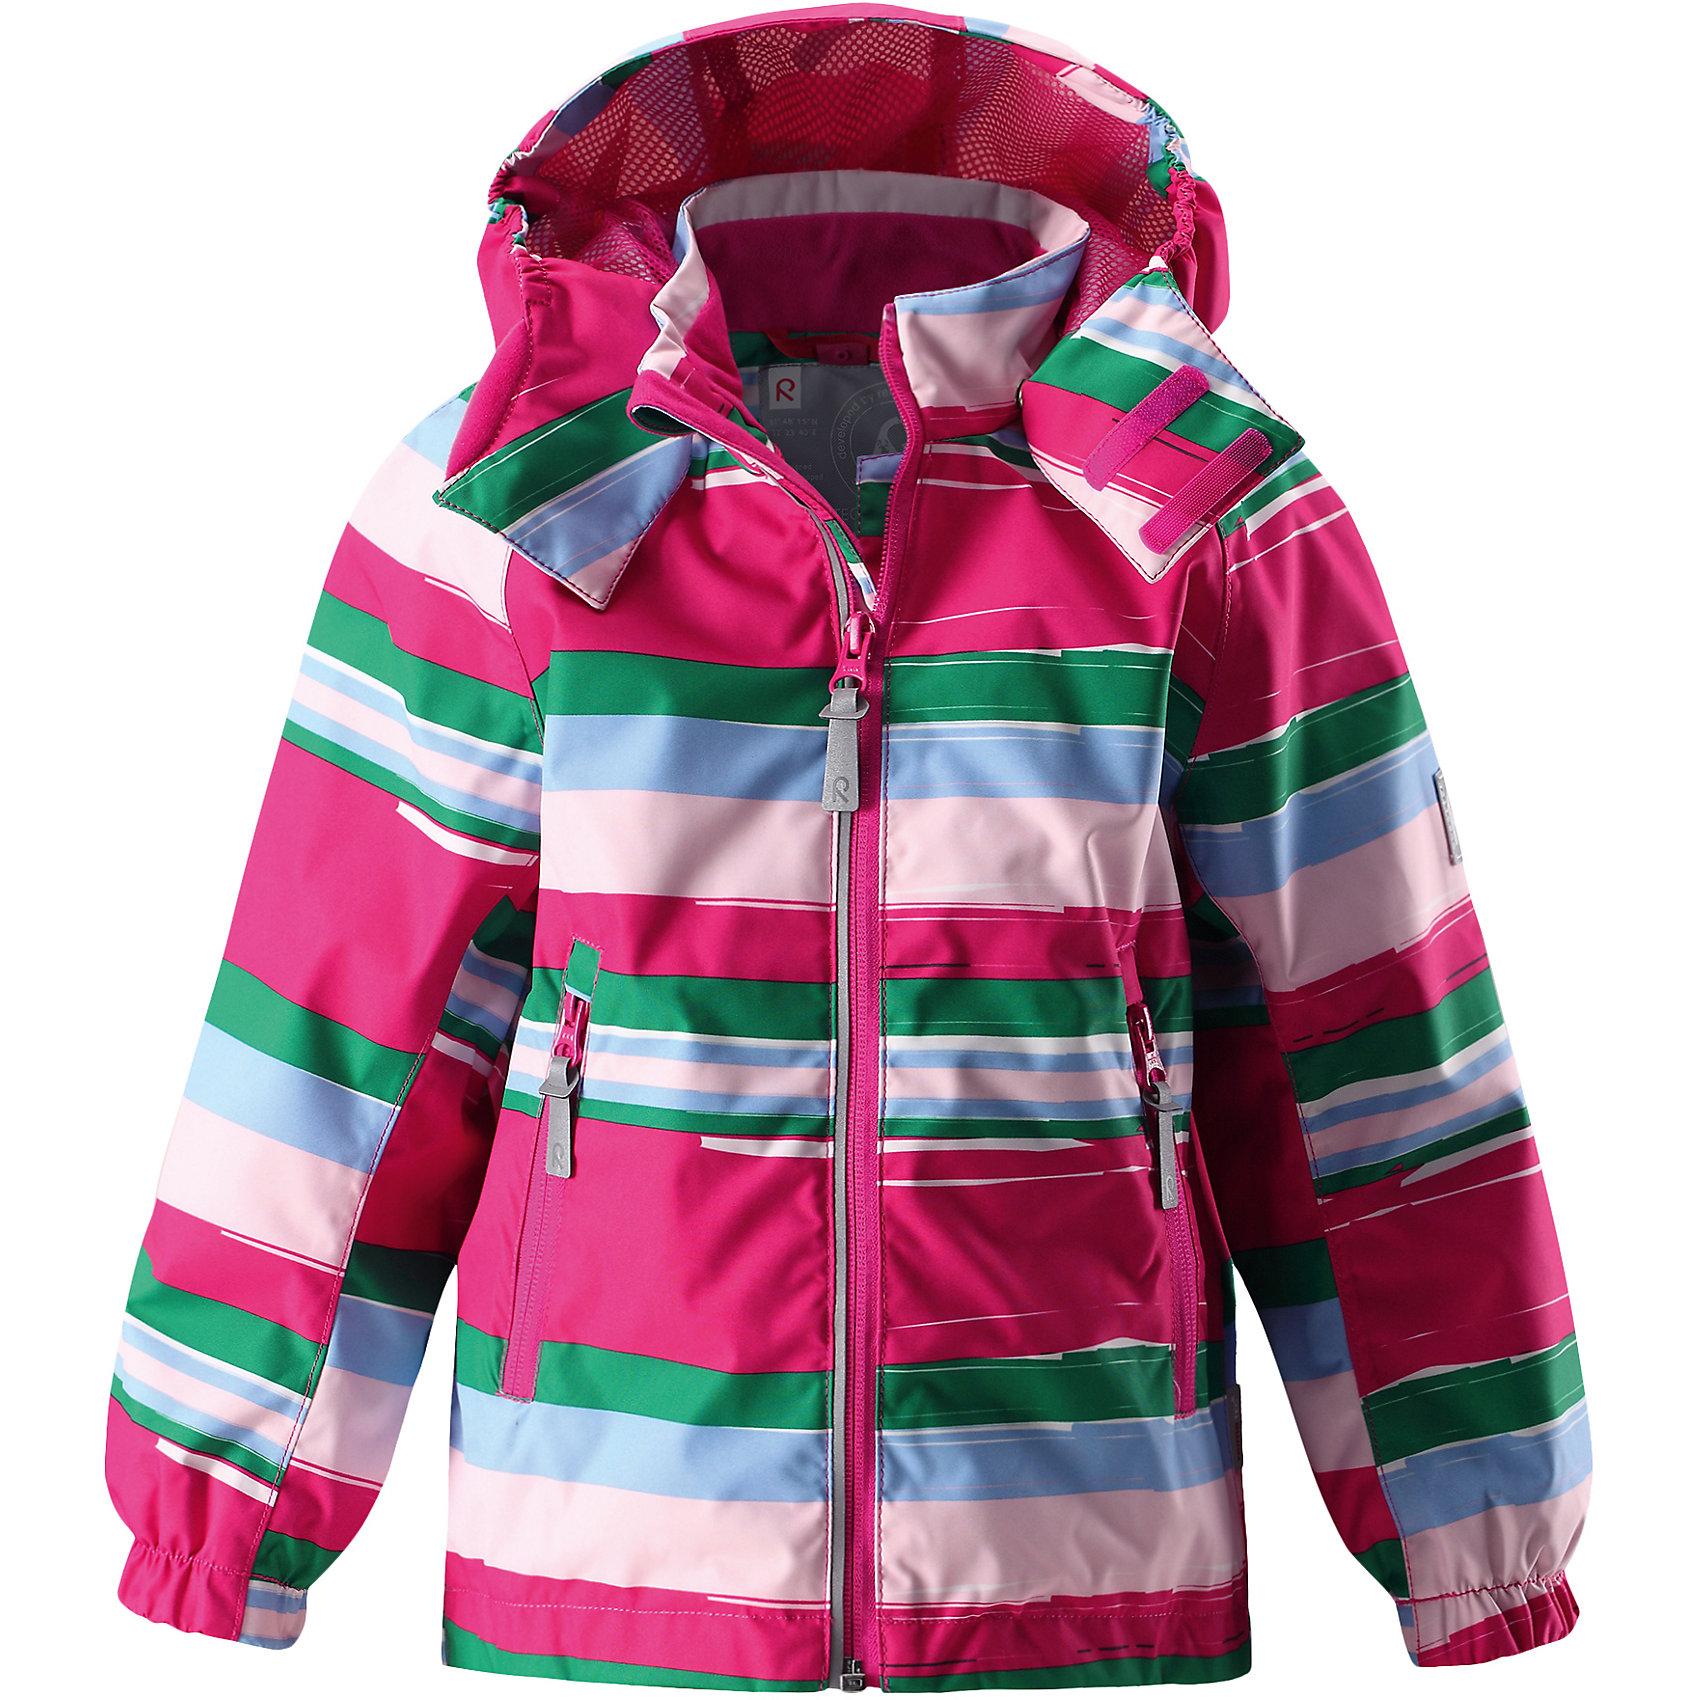 Куртка Tour для девочки Reimatec® ReimaХарактеристики товара:<br><br>• цвет: розовый<br>• состав: 100% полиэстер, полиуретановое покрытие<br>• температурный режим: от +5° до +15°С<br>• водонепроницаемость: 15000 мм<br>• воздухопроницаемость: 5000 мм<br>• износостойкость: 40000 циклов (тест Мартиндейла)<br>• без утеплителя<br>• основные швы проклеены, водонепроницаемы<br>• водо- и ветронепроницаемый, дышащий, грязеотталкивающий материал<br>• подкладка из mesh-сетки<br>• безопасный съёмный и регулируемый капюшон<br>• эластичные манжеты<br>• два кармана на молнии<br>• регулируемый подол<br>• светоотражающие детали<br>• комфортная посадка<br>• страна производства: Китай<br>• страна бренда: Финляндия<br>• коллекция: весна-лето 2017<br><br>В межсезонье верхняя одежда для детей может быть модной и комфортной одновременно! Демисезонная куртка поможет обеспечить ребенку комфорт и тепло. Она отлично смотрится с различной одеждой и обувью. Изделие удобно сидит и модно выглядит. Материал - прочный, хорошо подходящий для межсезонья, водо- и ветронепроницаемый, «дышащий». Стильный дизайн разрабатывался специально для детей.<br><br>Одежда и обувь от финского бренда Reima пользуется популярностью во многих странах. Эти изделия стильные, качественные и удобные. Для производства продукции используются только безопасные, проверенные материалы и фурнитура. Порадуйте ребенка модными и красивыми вещами от Reima! <br><br>Куртку для девочки Reimatec® от финского бренда Reima (Рейма) можно купить в нашем интернет-магазине.<br><br>Ширина мм: 356<br>Глубина мм: 10<br>Высота мм: 245<br>Вес г: 519<br>Цвет: розовый<br>Возраст от месяцев: 24<br>Возраст до месяцев: 36<br>Пол: Женский<br>Возраст: Детский<br>Размер: 98,116,104,92,122,110,128<br>SKU: 5265988